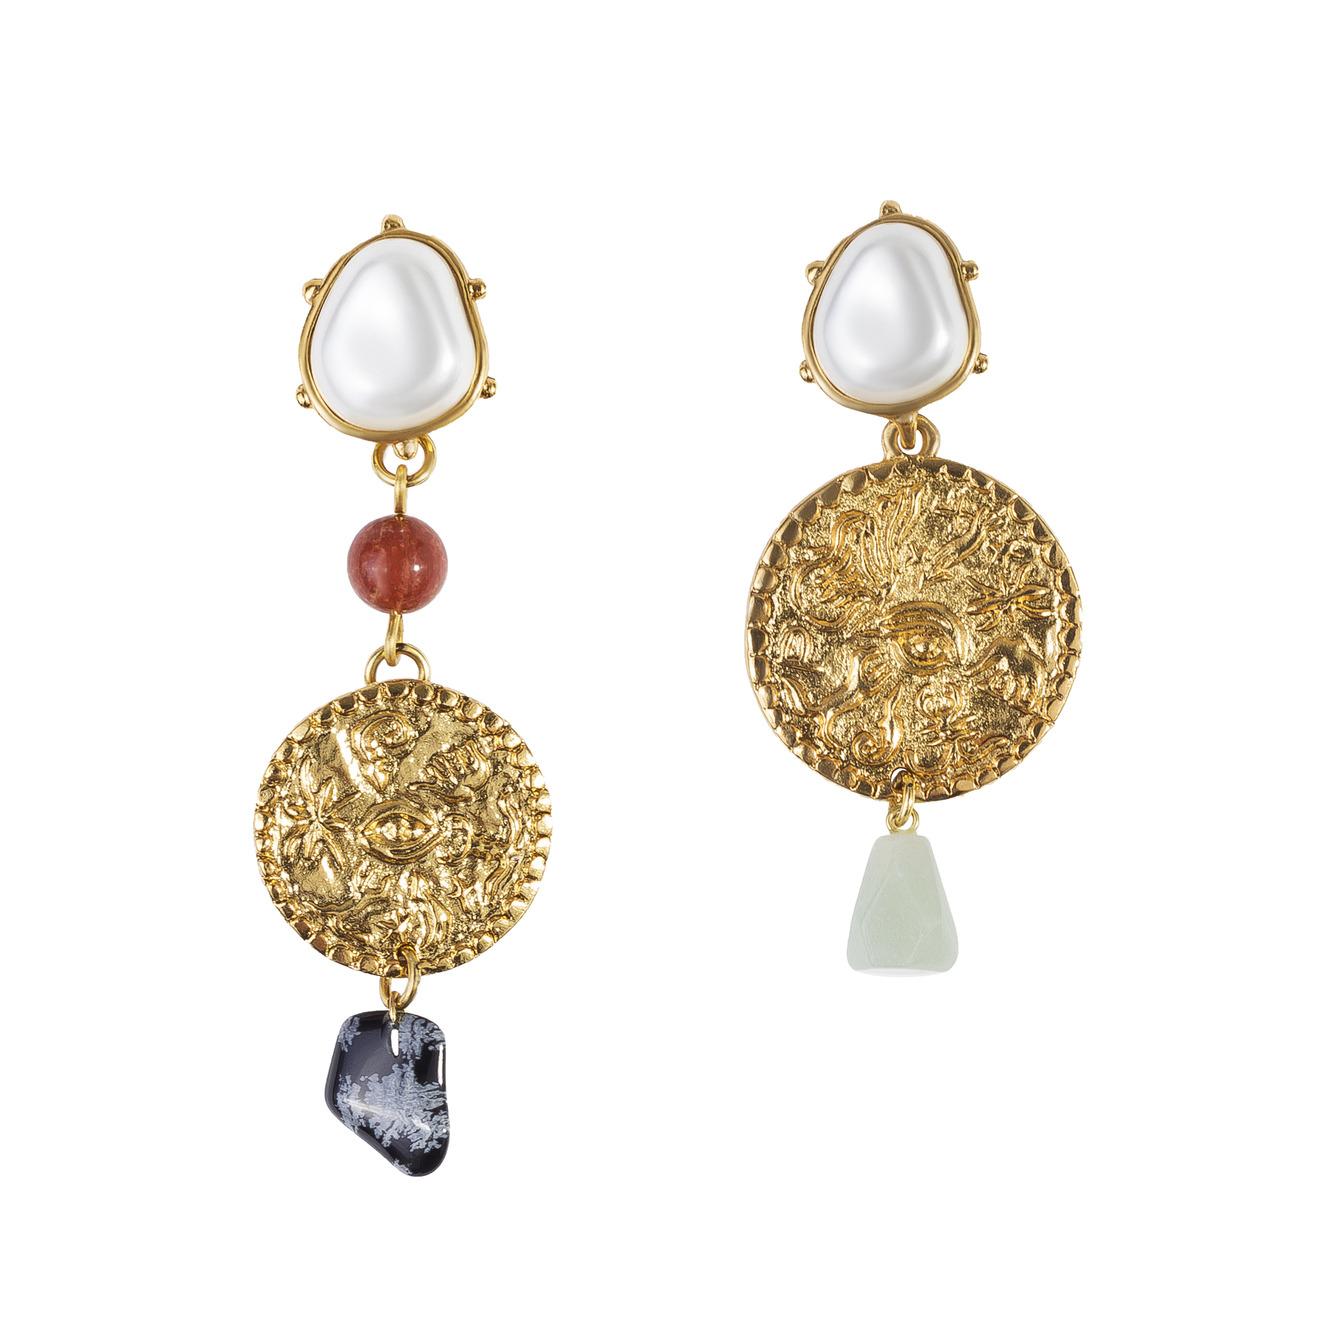 Oscar de la Renta Золотистые асимметричные клипсы-монеты с жемчугом и полудрагоценным камнем